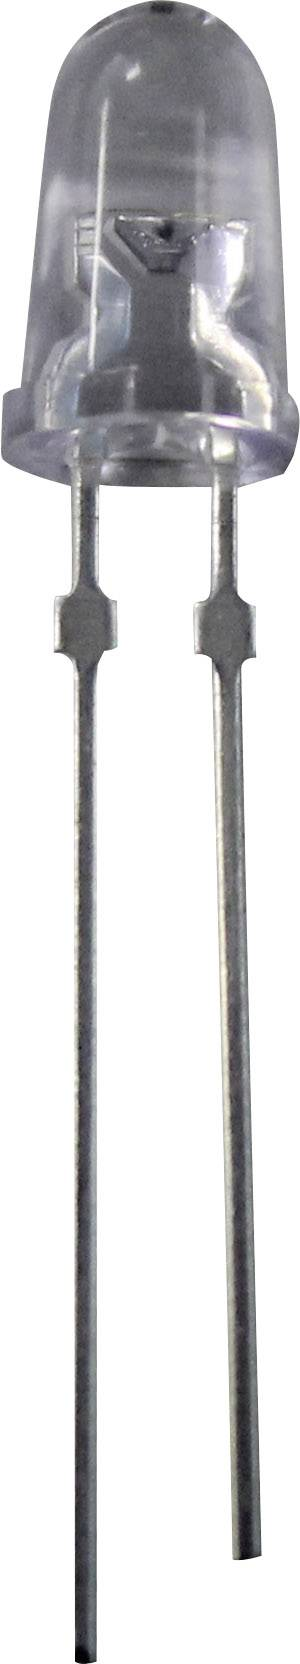 LEDsvývodmi Nichia NSPG520AS Sel. gT/U/V, NSPG520AS, typ šošovky guľatý, 5 mm, zelená